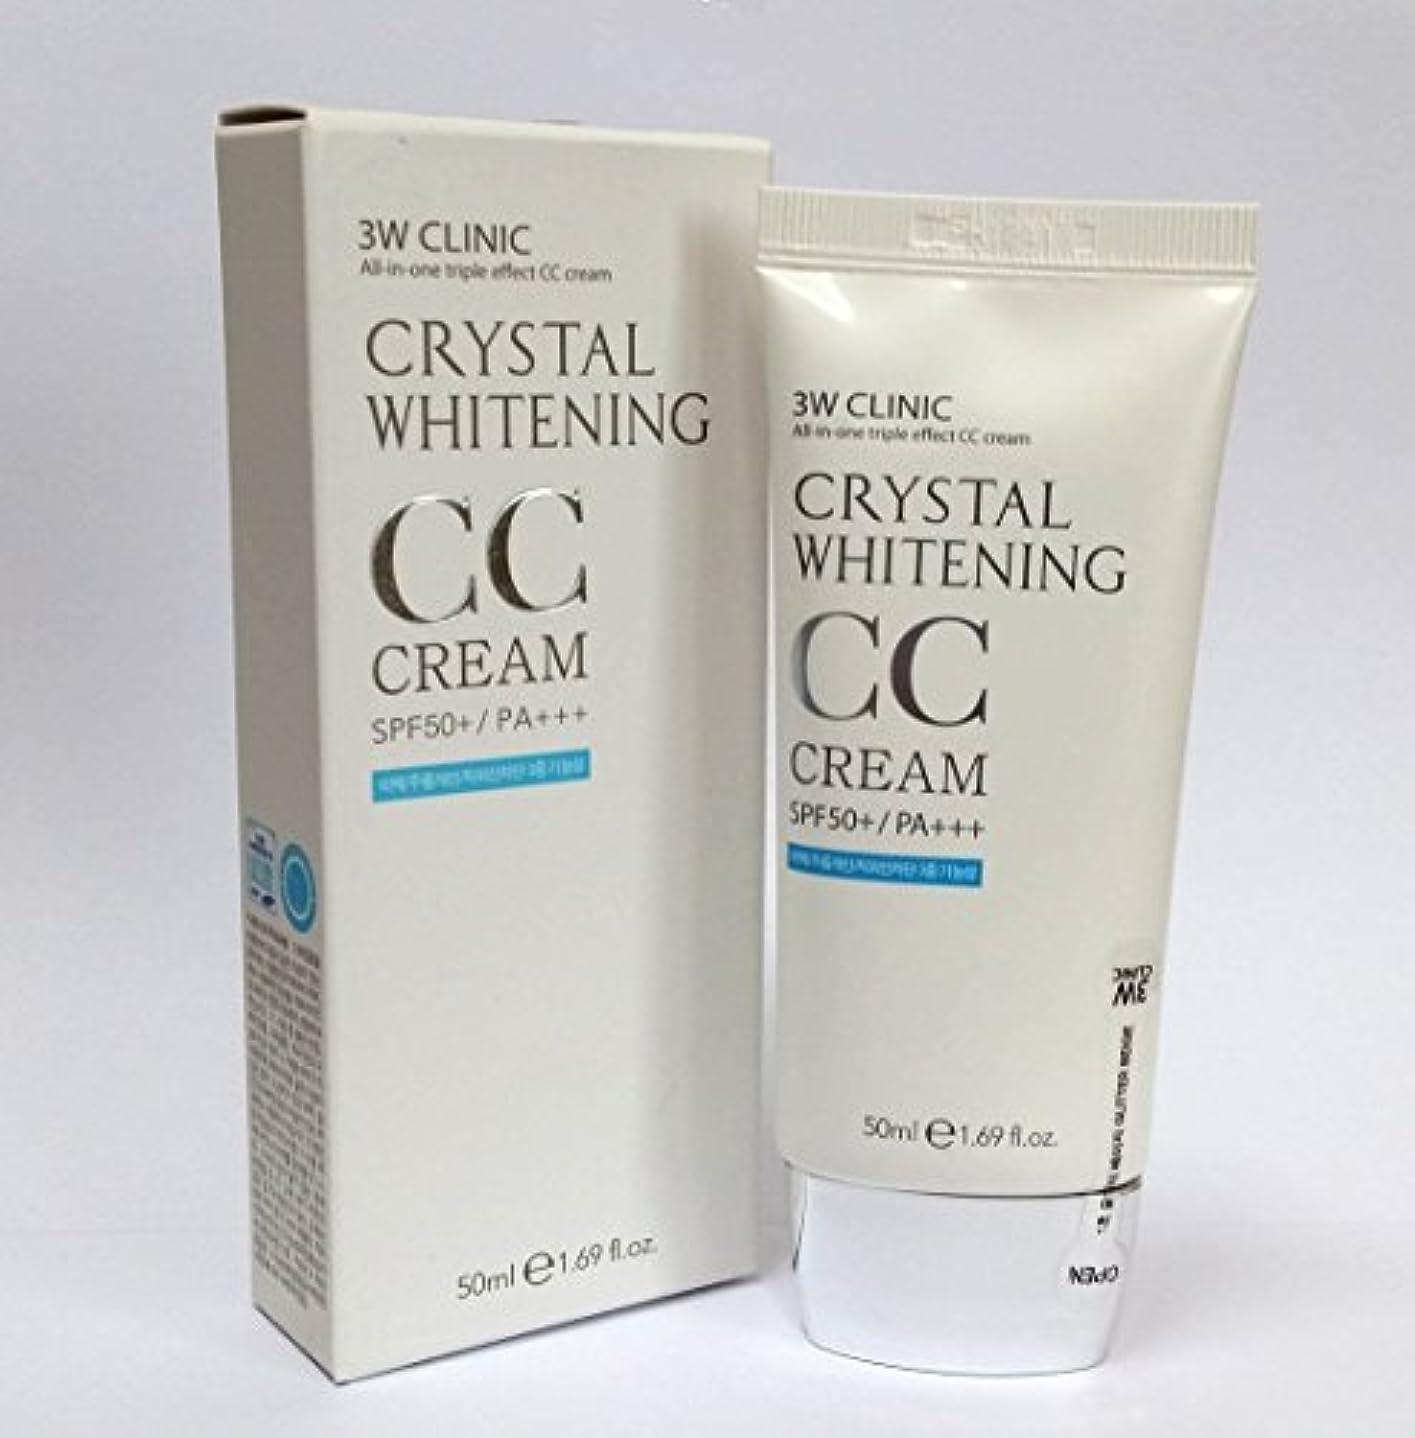 ヤングトライアスリート商標[3W CLINIC] クリスタルホワイトニングCCクリーム50ml SPF50 PA +++ / #02 Natural Beige / Crystal Whitening CC Cream 50ml SPF50 PA...